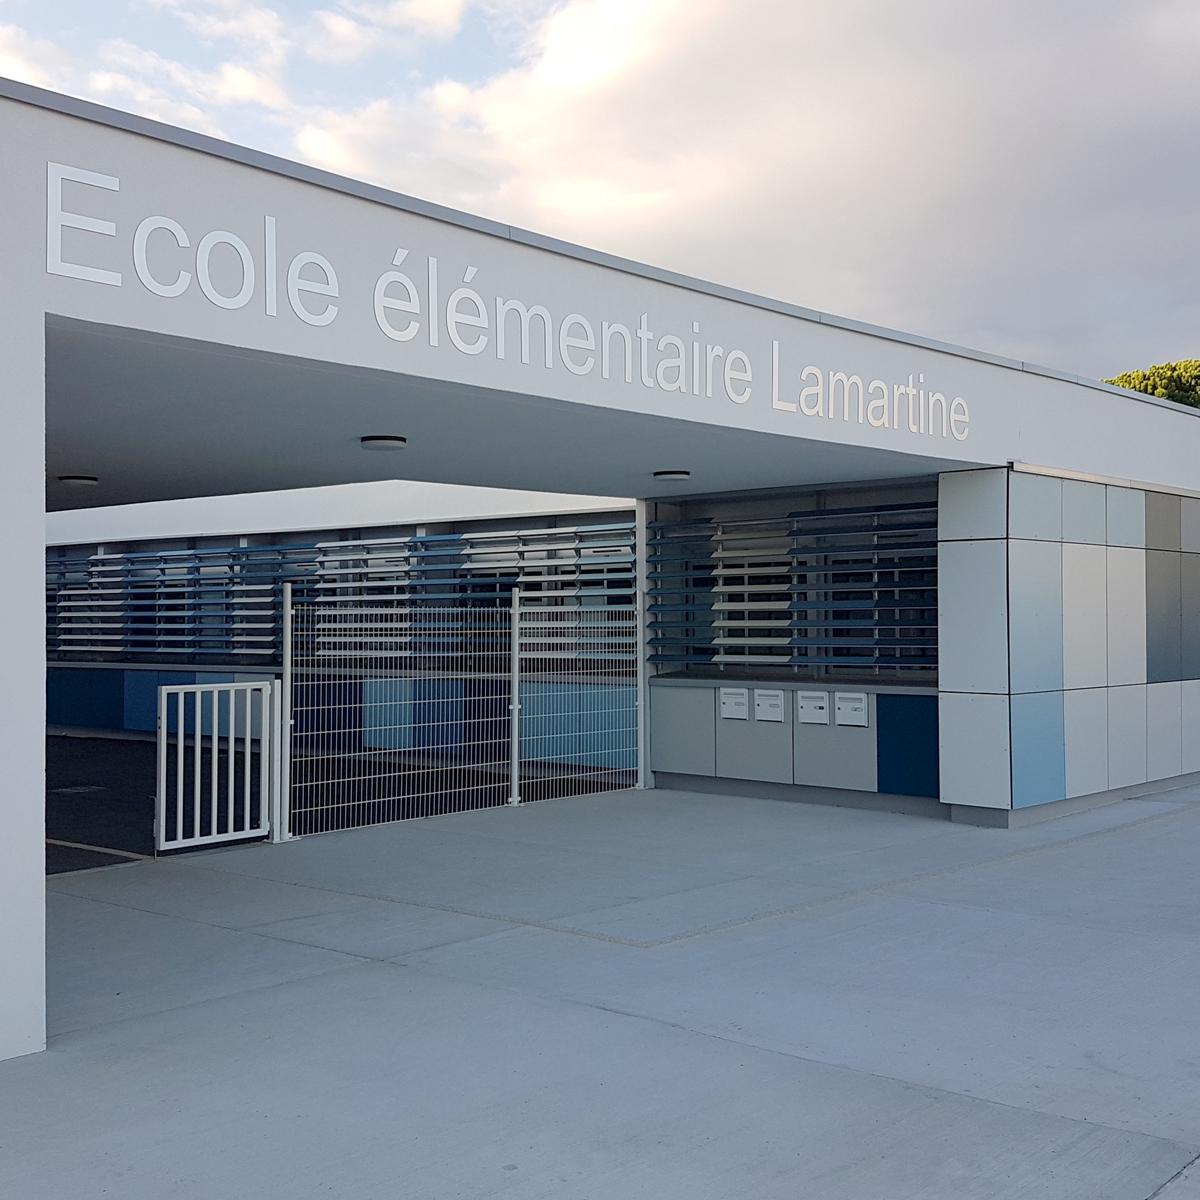 Ecole élémentaire Lamartine